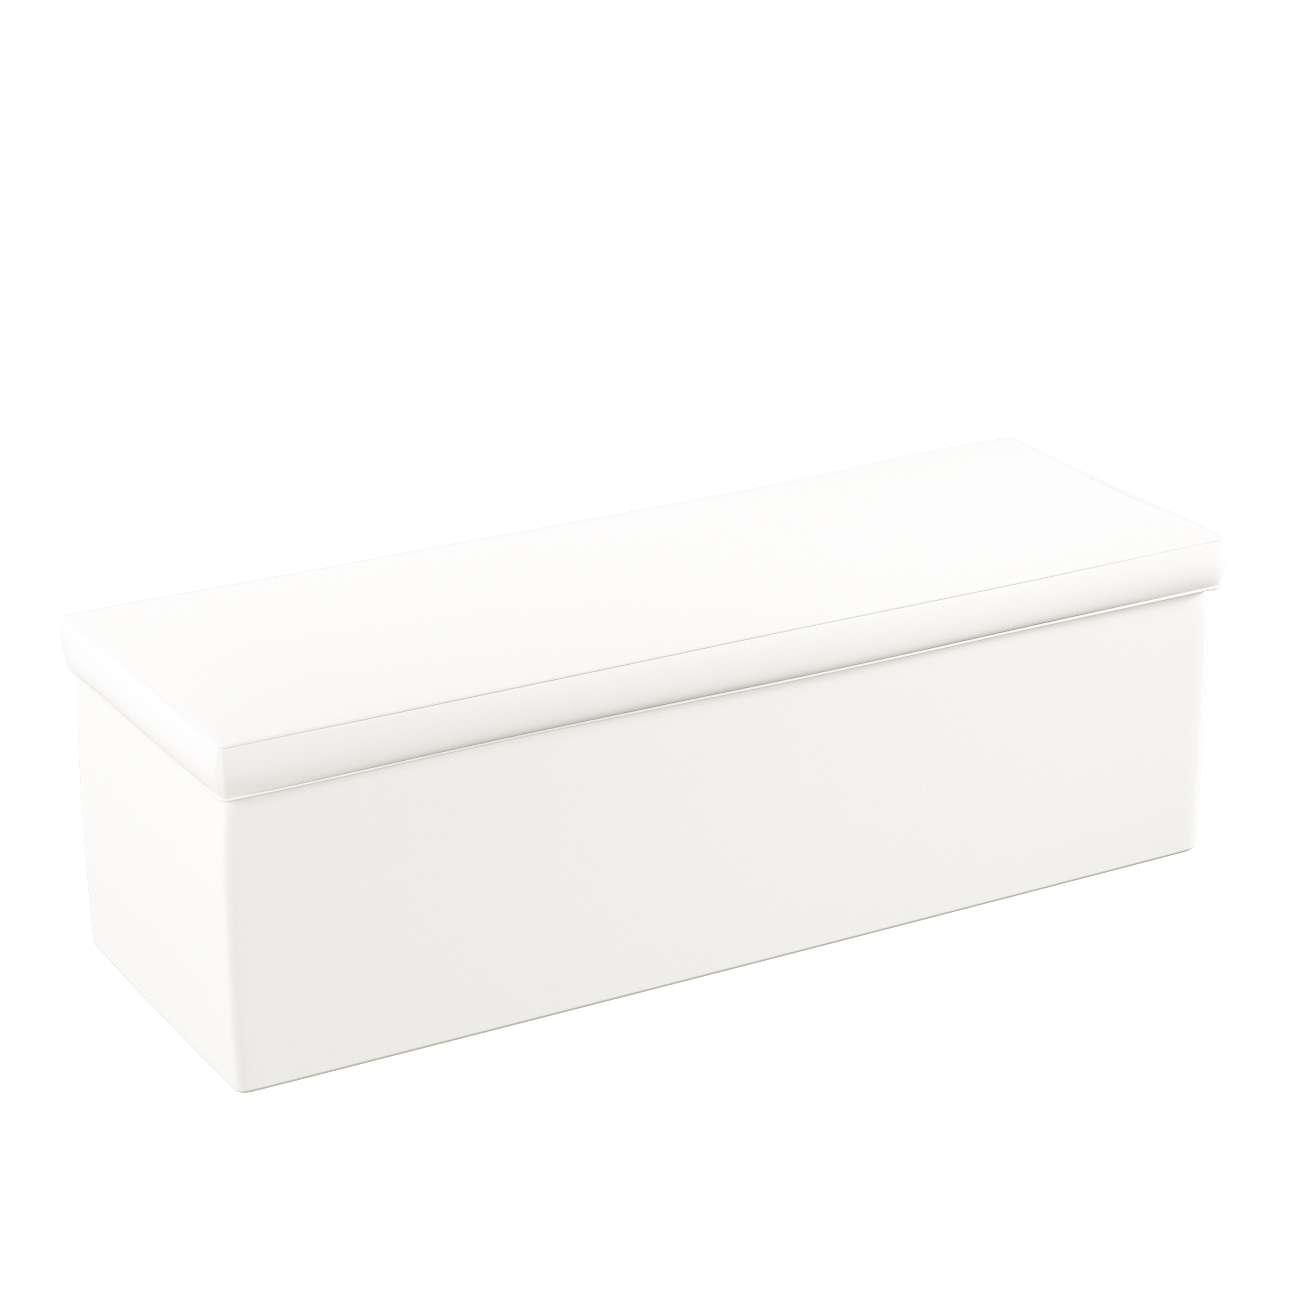 Dežė/skrynia/daiktadėžė 90 x 40 x 40 cm kolekcijoje Cotton Panama, audinys: 702-34